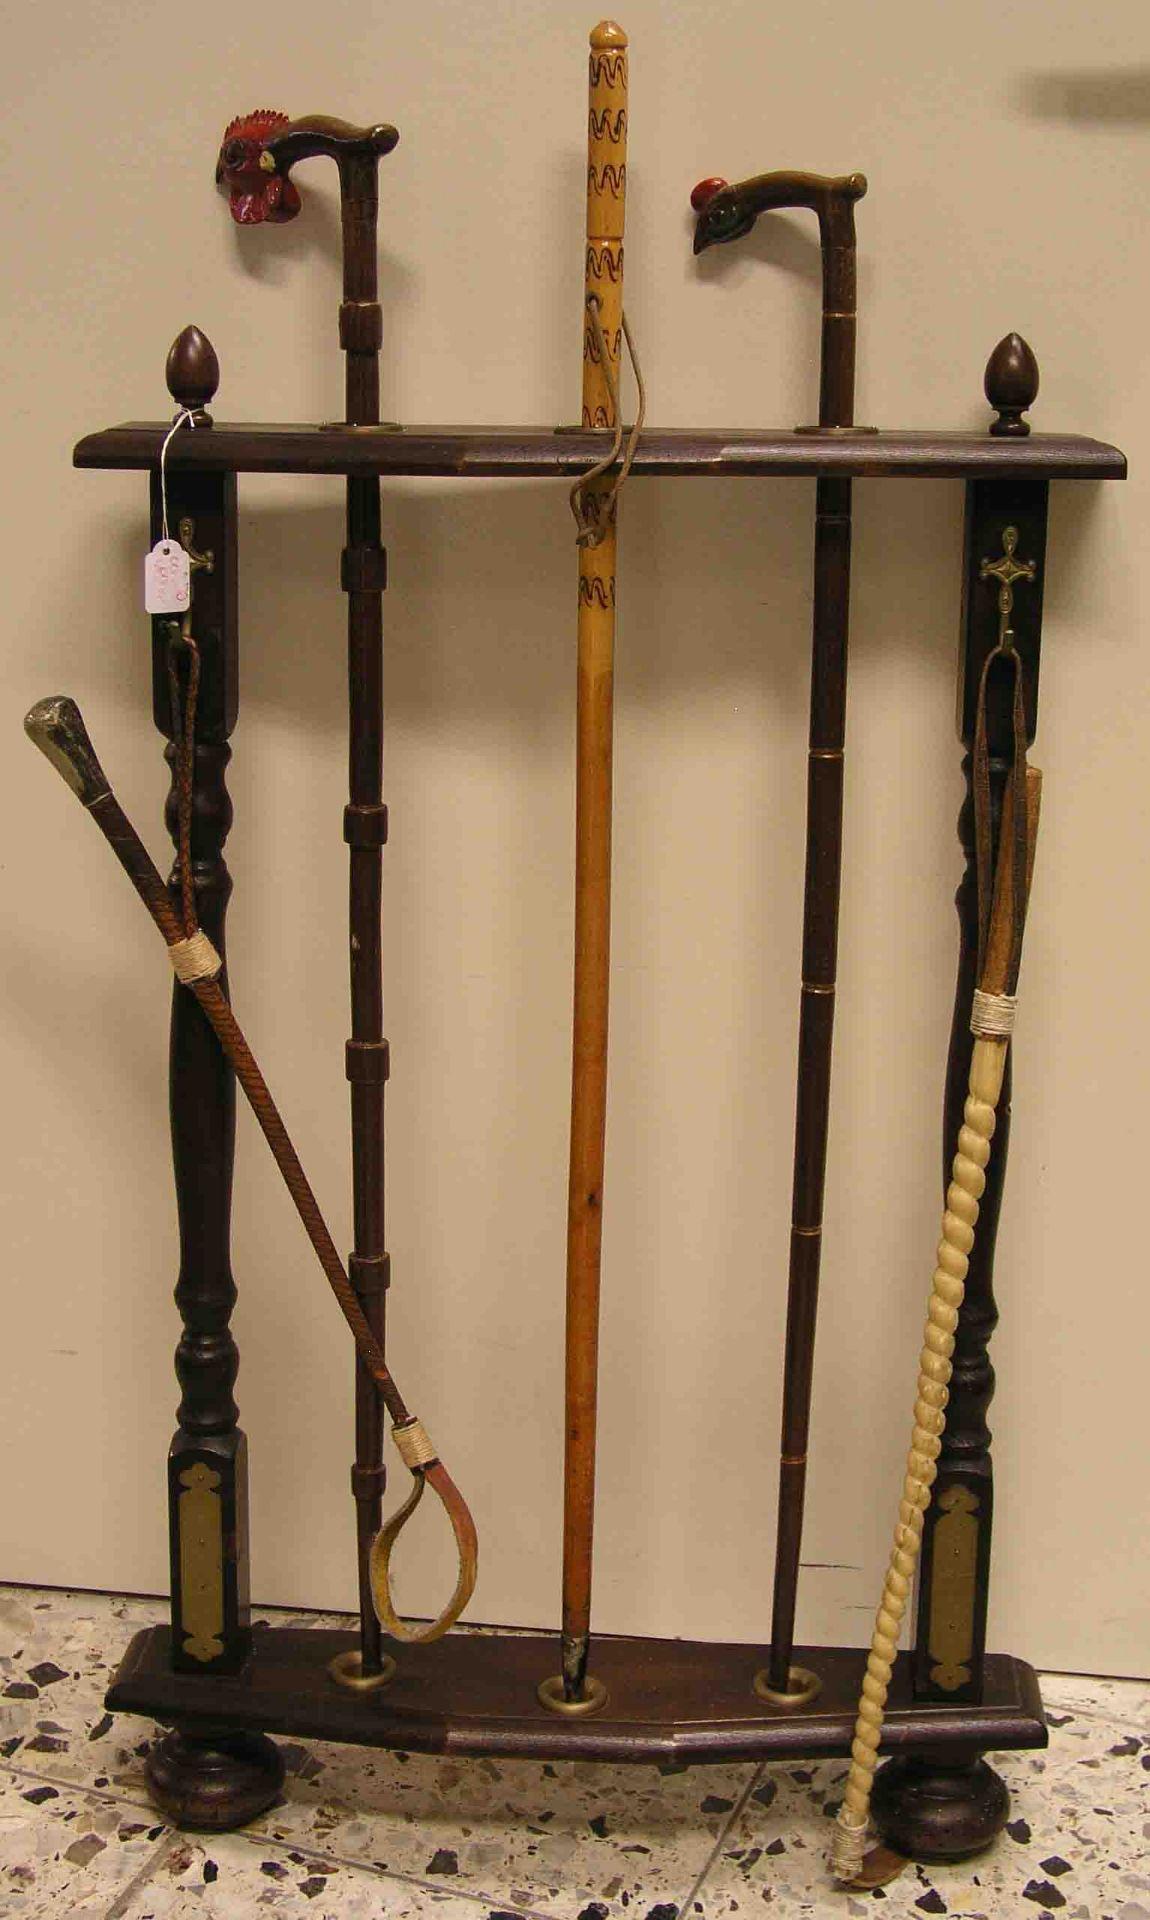 Holzständer mit drei Gehstöcken und